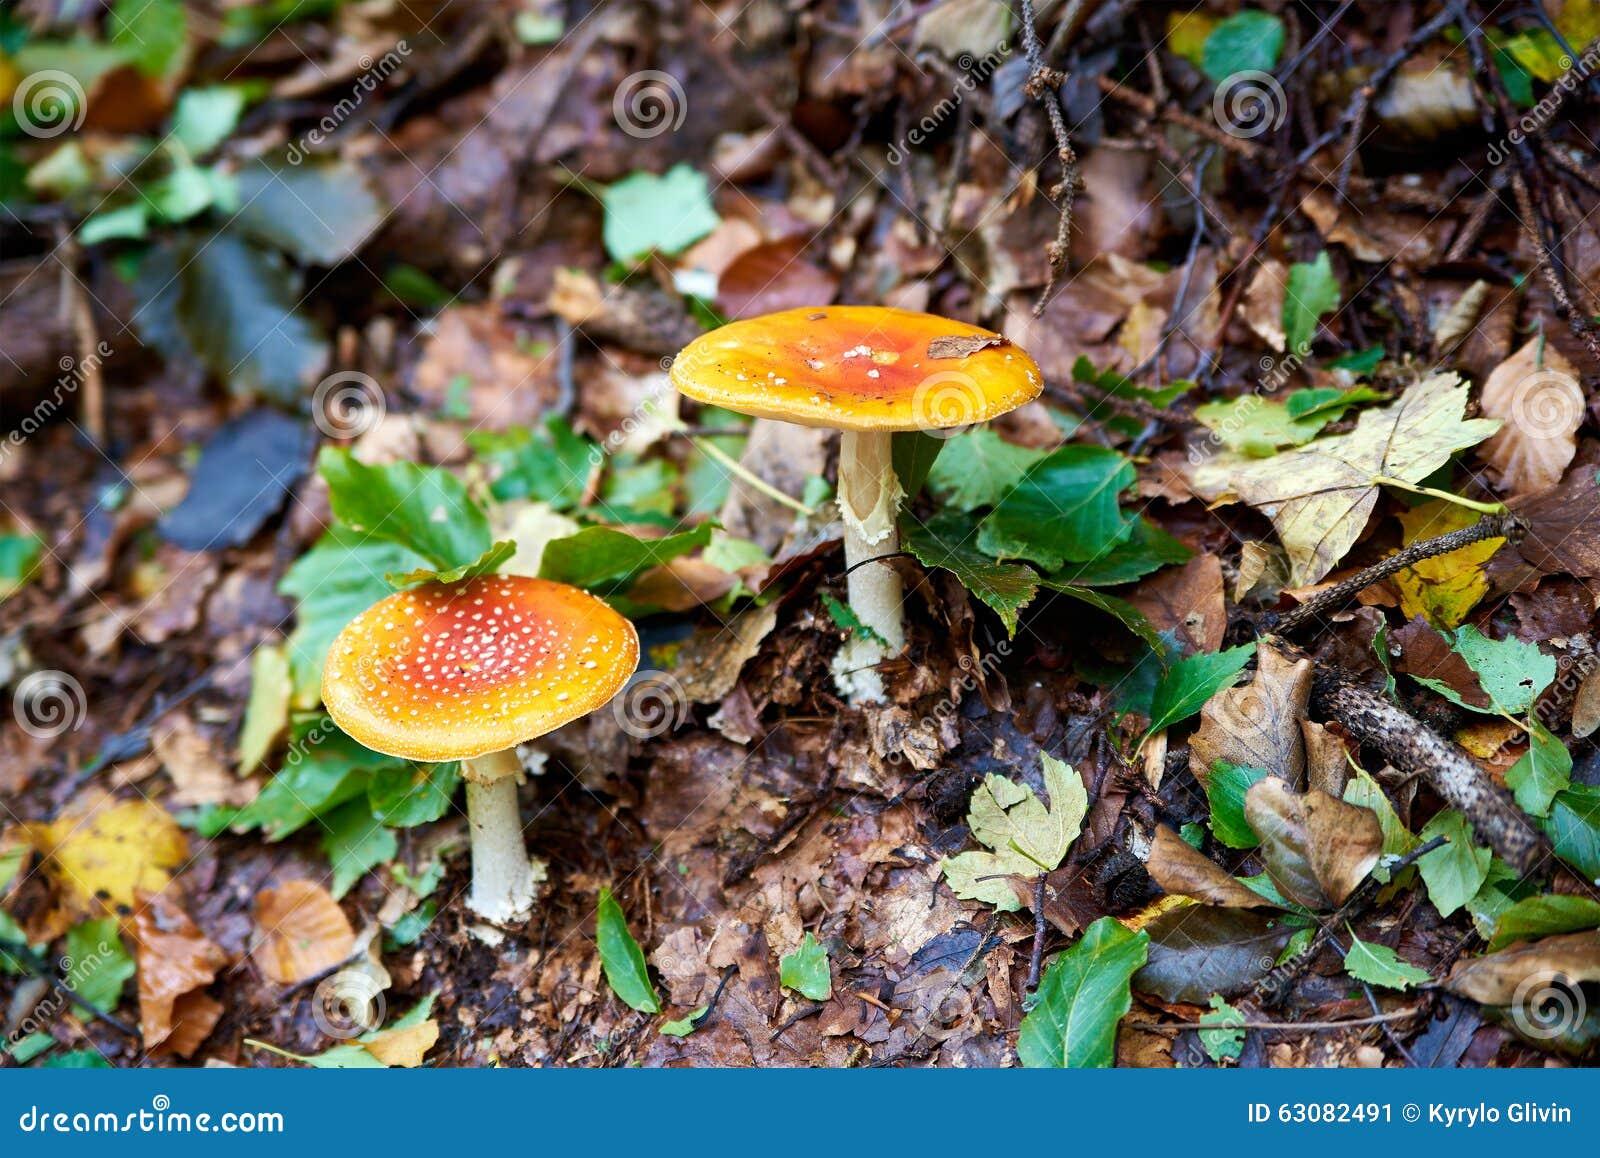 Download Champignons dans la forêt image stock. Image du moisson - 63082491